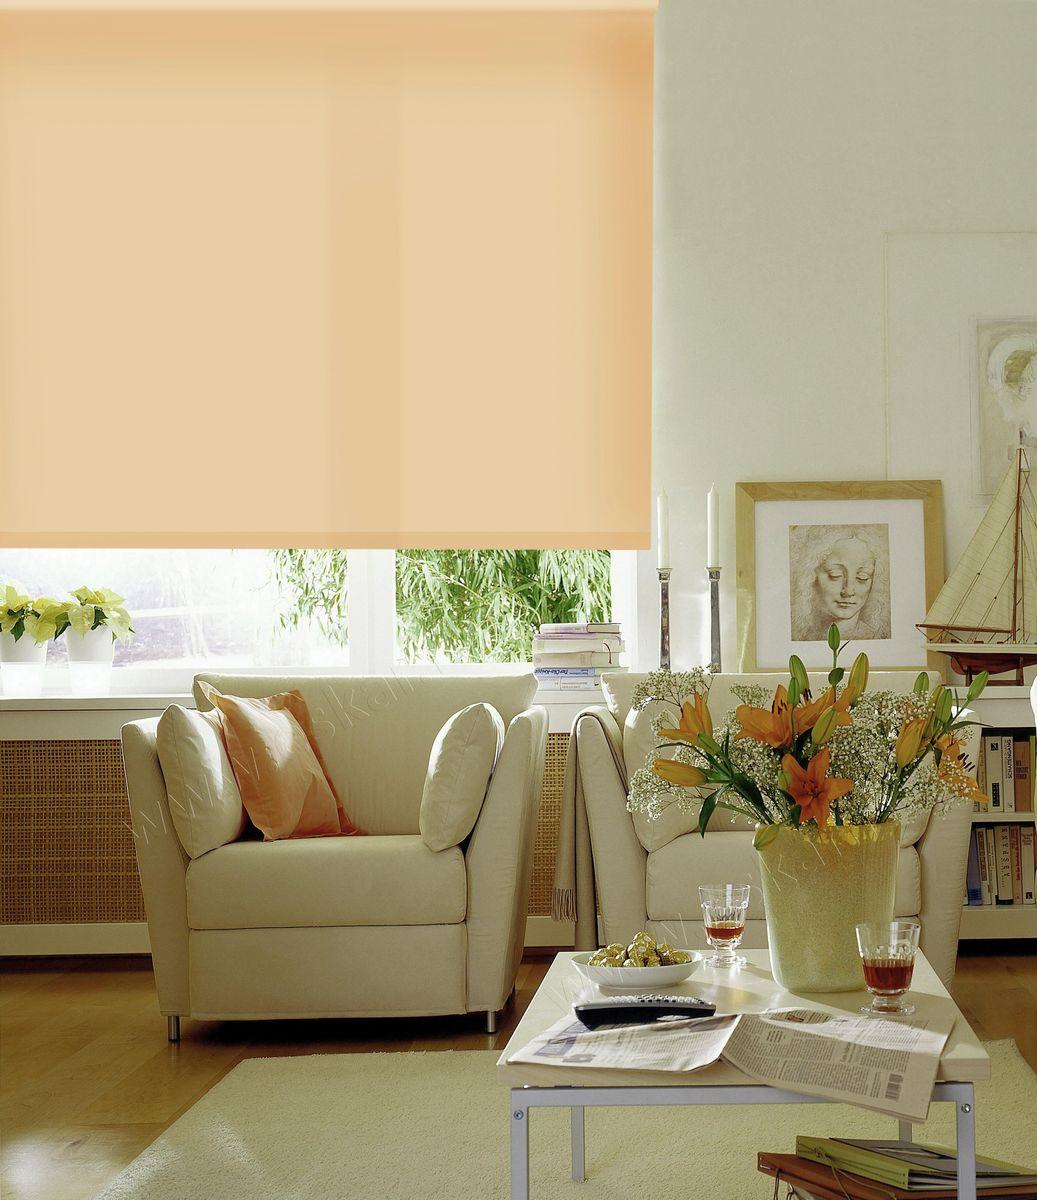 Штора рулонная Эскар, цвет: светло-абрикосовый, ширина 172 см, высота 170 см81112172170Рулонными шторами можно оформлять окна как самостоятельно, так и использовать в комбинации с портьерами. Это поможет предотвратить выгорание дорогой ткани на солнце и соединит функционал рулонных с красотой навесных. Преимущества применения рулонных штор для пластиковых окон: - имеют прекрасный внешний вид: многообразие и фактурность материала изделия отлично смотрятся в любом интерьере; - многофункциональны: есть возможность подобрать шторы способные эффективно защитить комнату от солнца, при этом она не будет слишком темной. - Есть возможность осуществить быстрый монтаж. ВНИМАНИЕ! Размеры ширины изделия указаны по ширине ткани! Во время эксплуатации не рекомендуется полностью разматывать рулон, чтобы не оторвать ткань от намоточного вала. В случае загрязнения поверхности ткани, чистку шторы проводят одним из способов, в зависимости от типа загрязнения: легкое поверхностное загрязнение можно удалить при помощи канцелярского ластика; чистка от пыли производится сухим методом при...